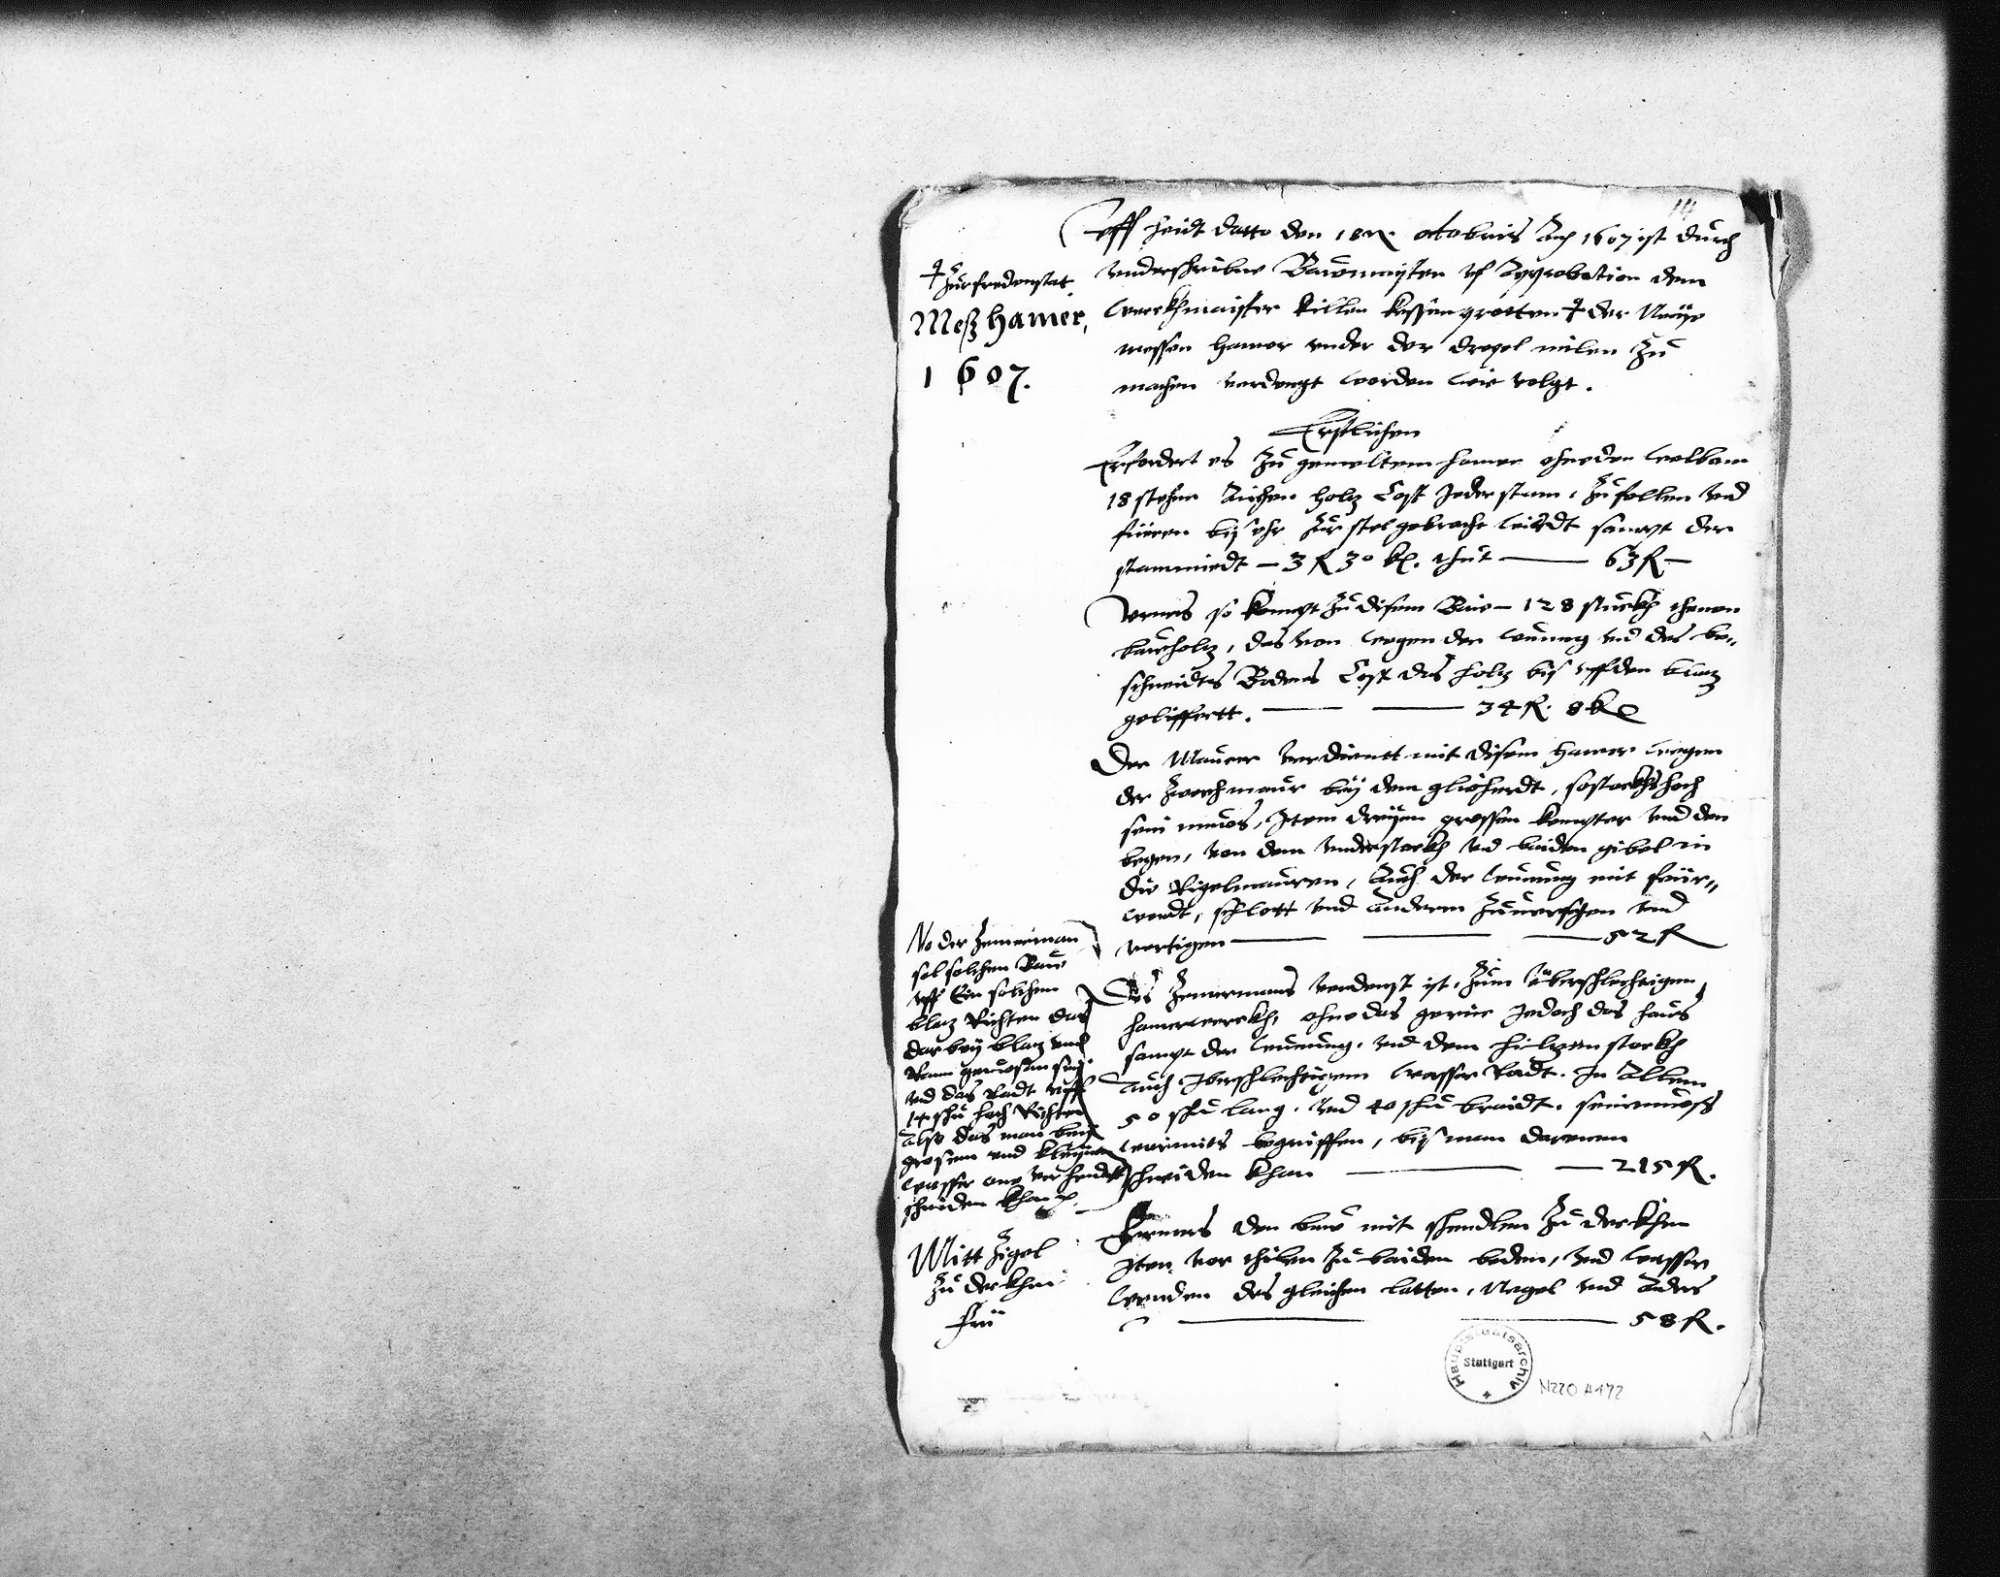 Neuer Stahlhammer und Messinghammer unter der Drechselmühle, Vertrag mit Kilian Kesenbrot, 1607 (Folio), Bericht an den Herzog, 1607 (3 Folio), Notiz (Quart), Bild 2